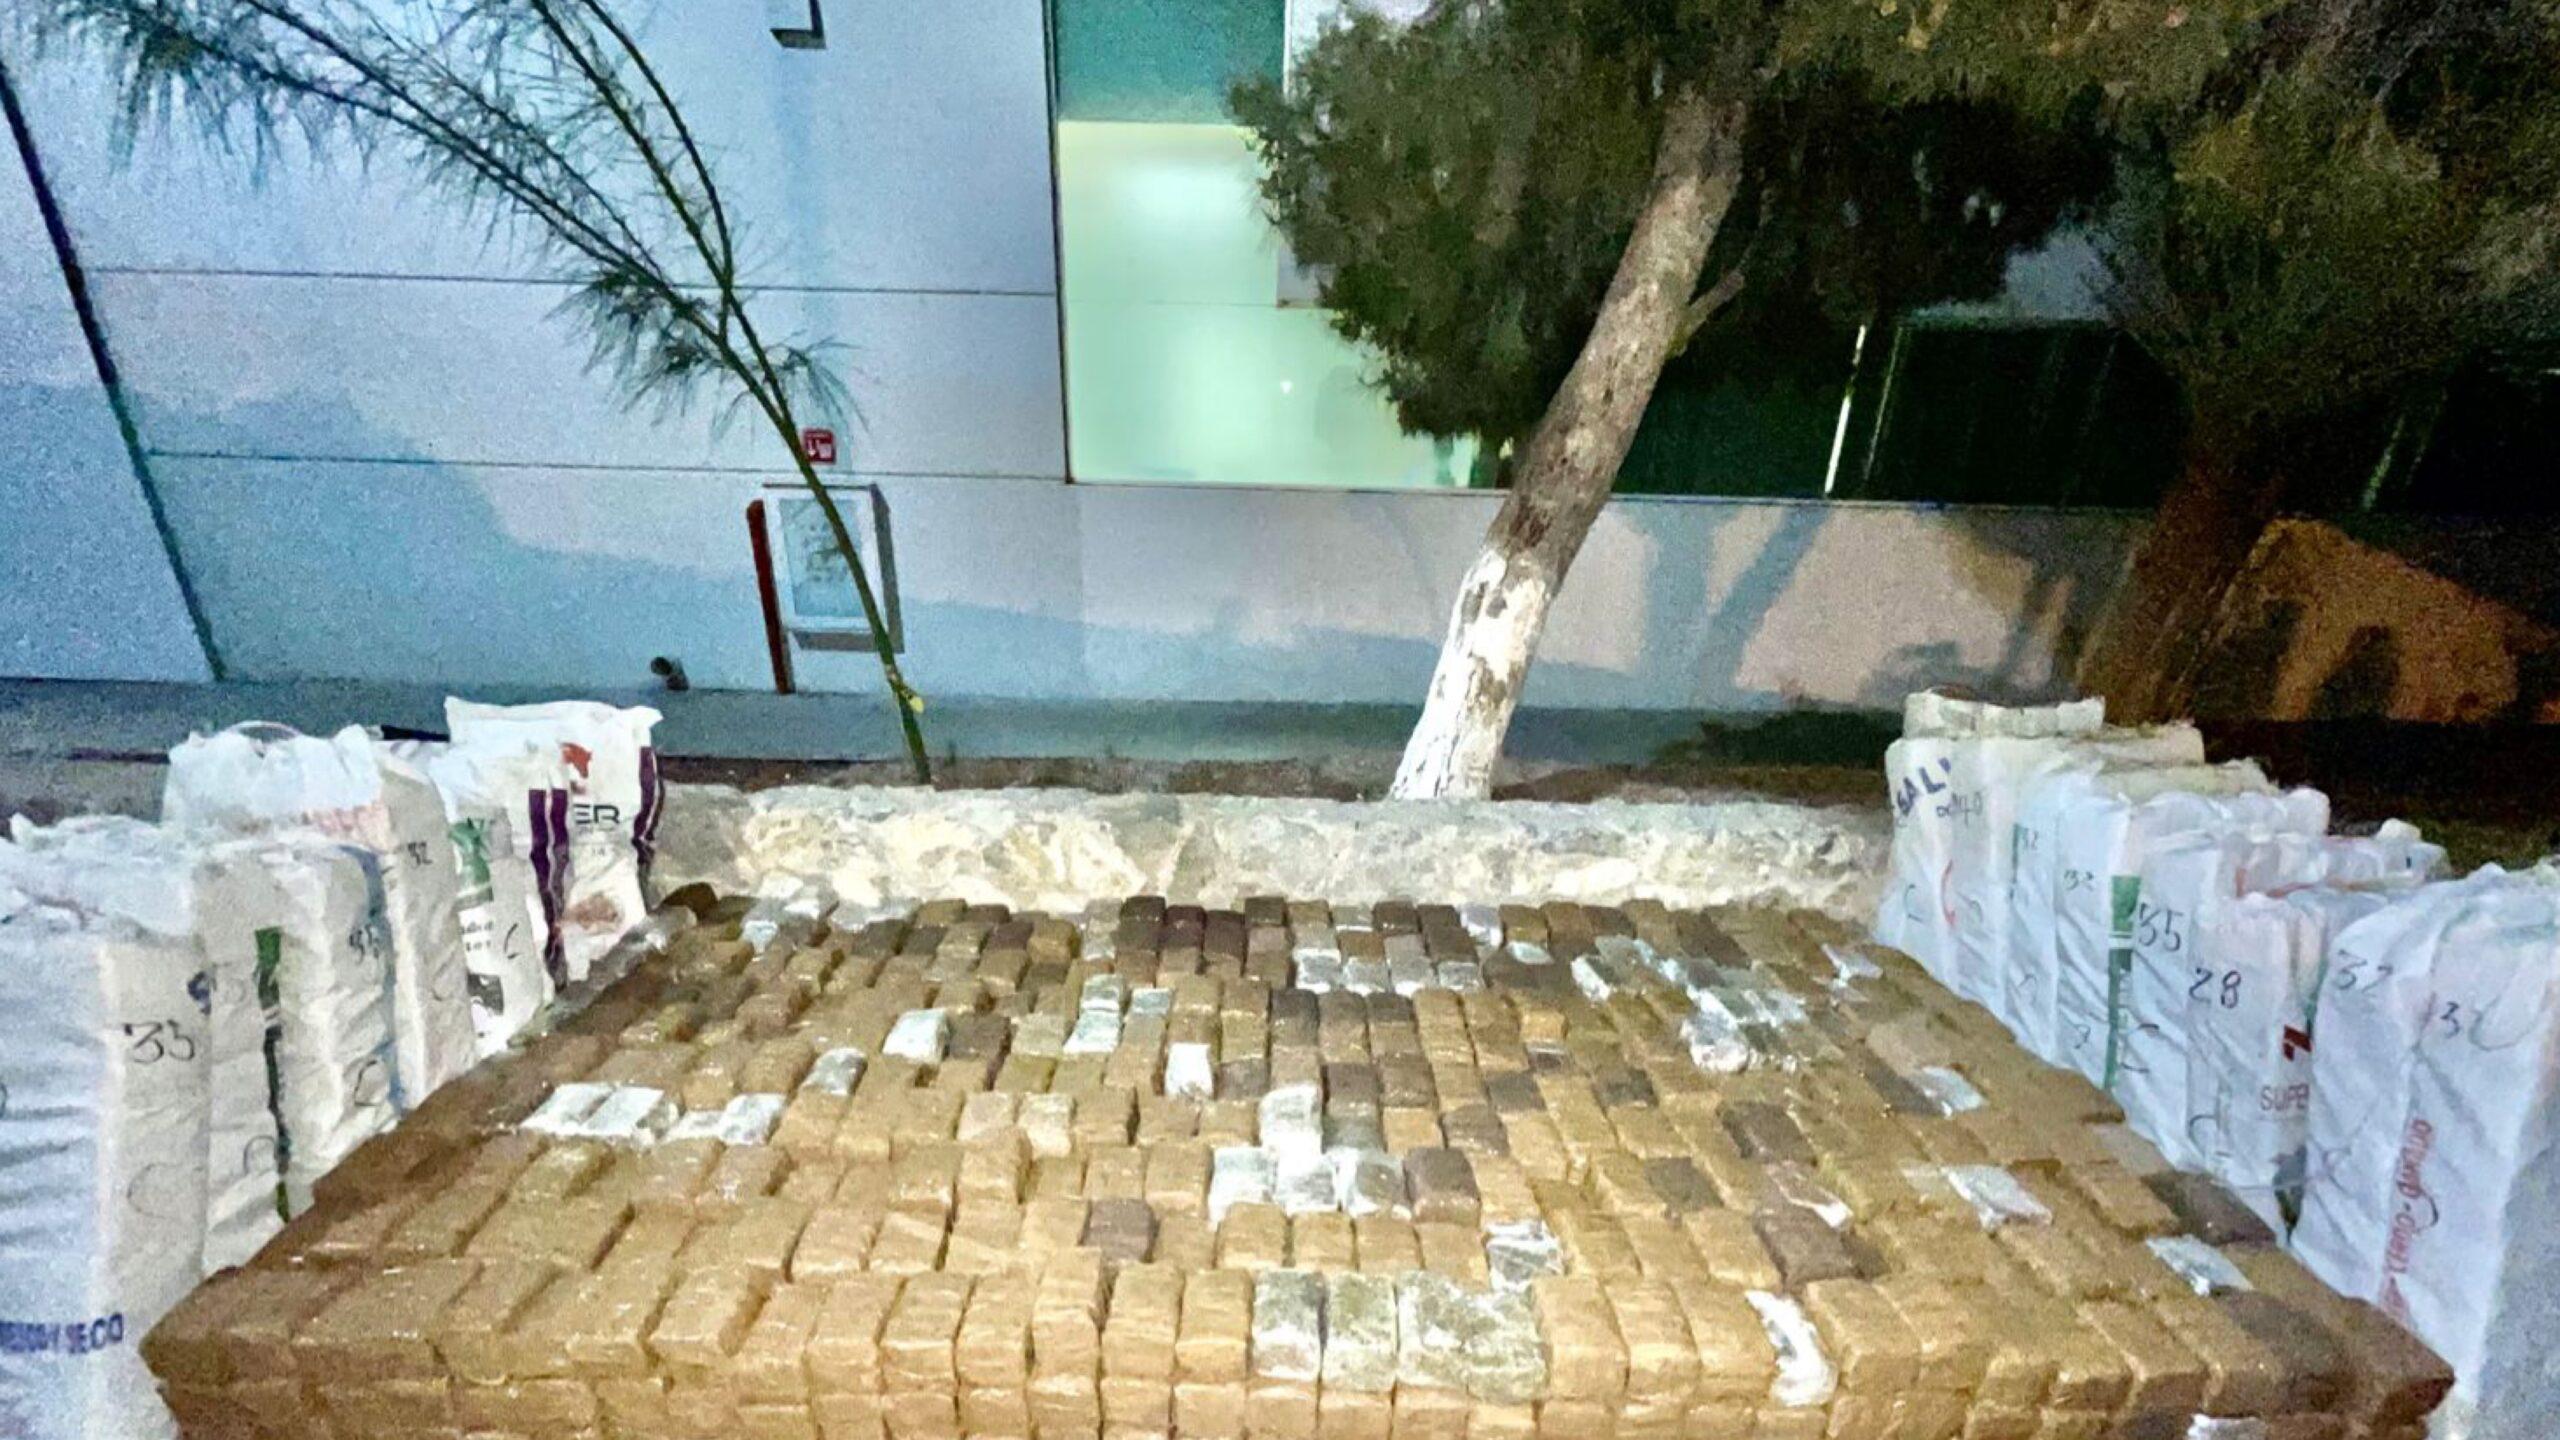 1574-paquetes-de-droga-decomisada-en-casa-de-Cd.-Juarez